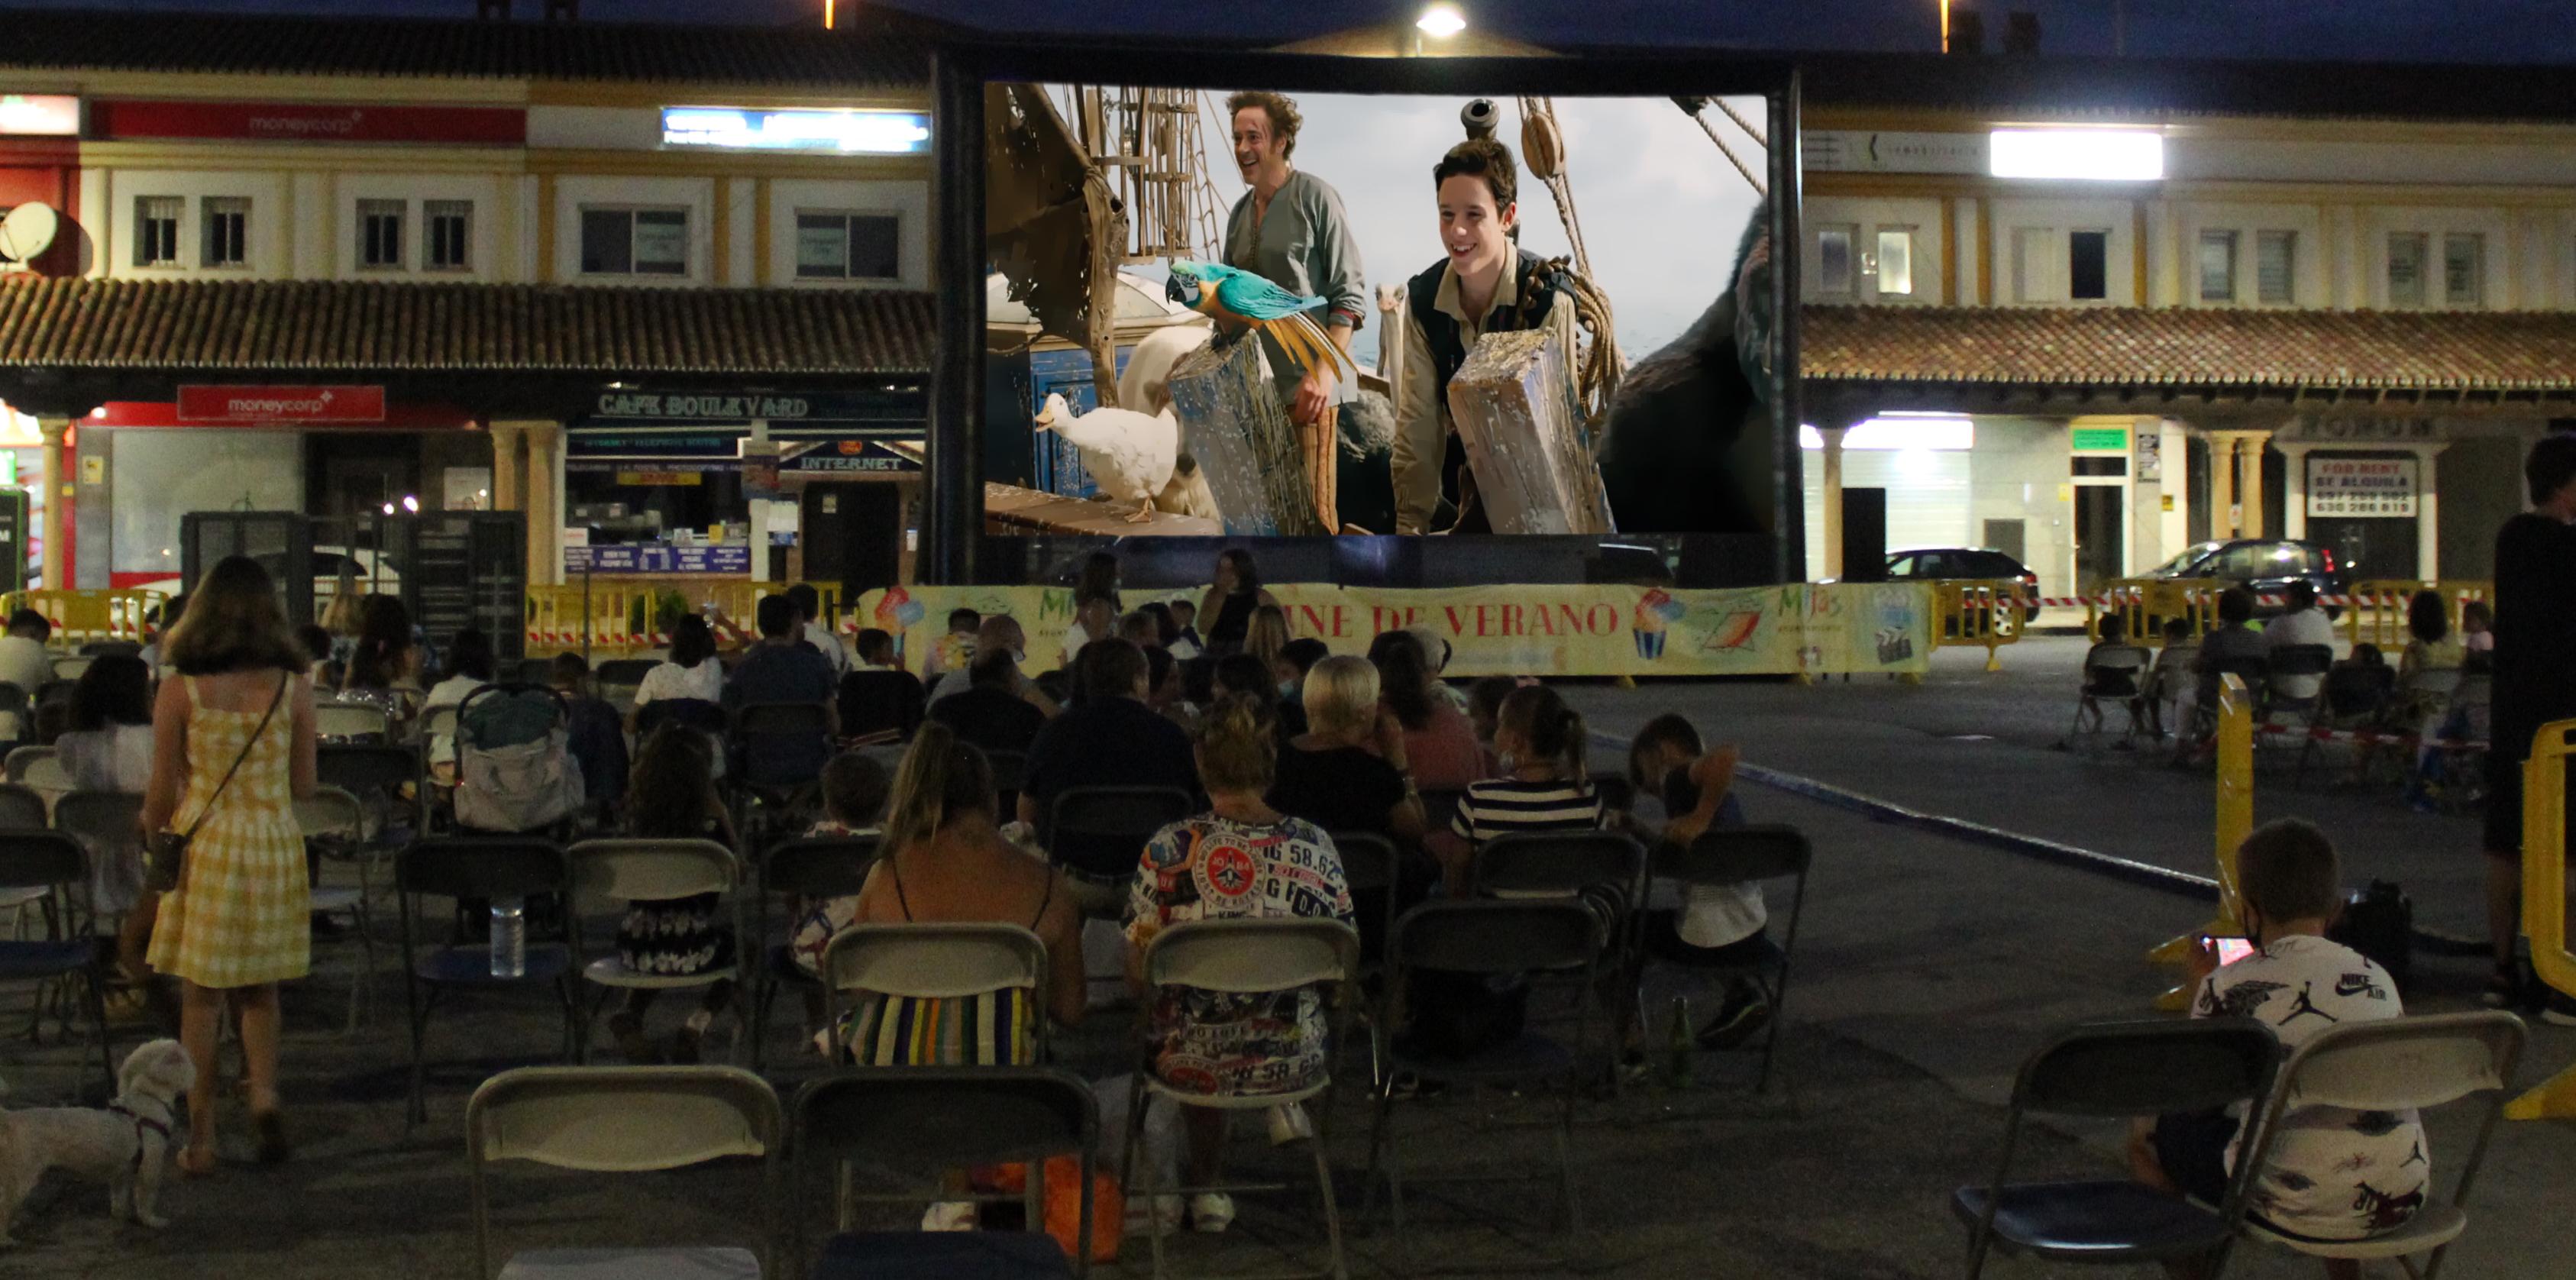 El cine de verano ofrece la segunda sesión en La Cala